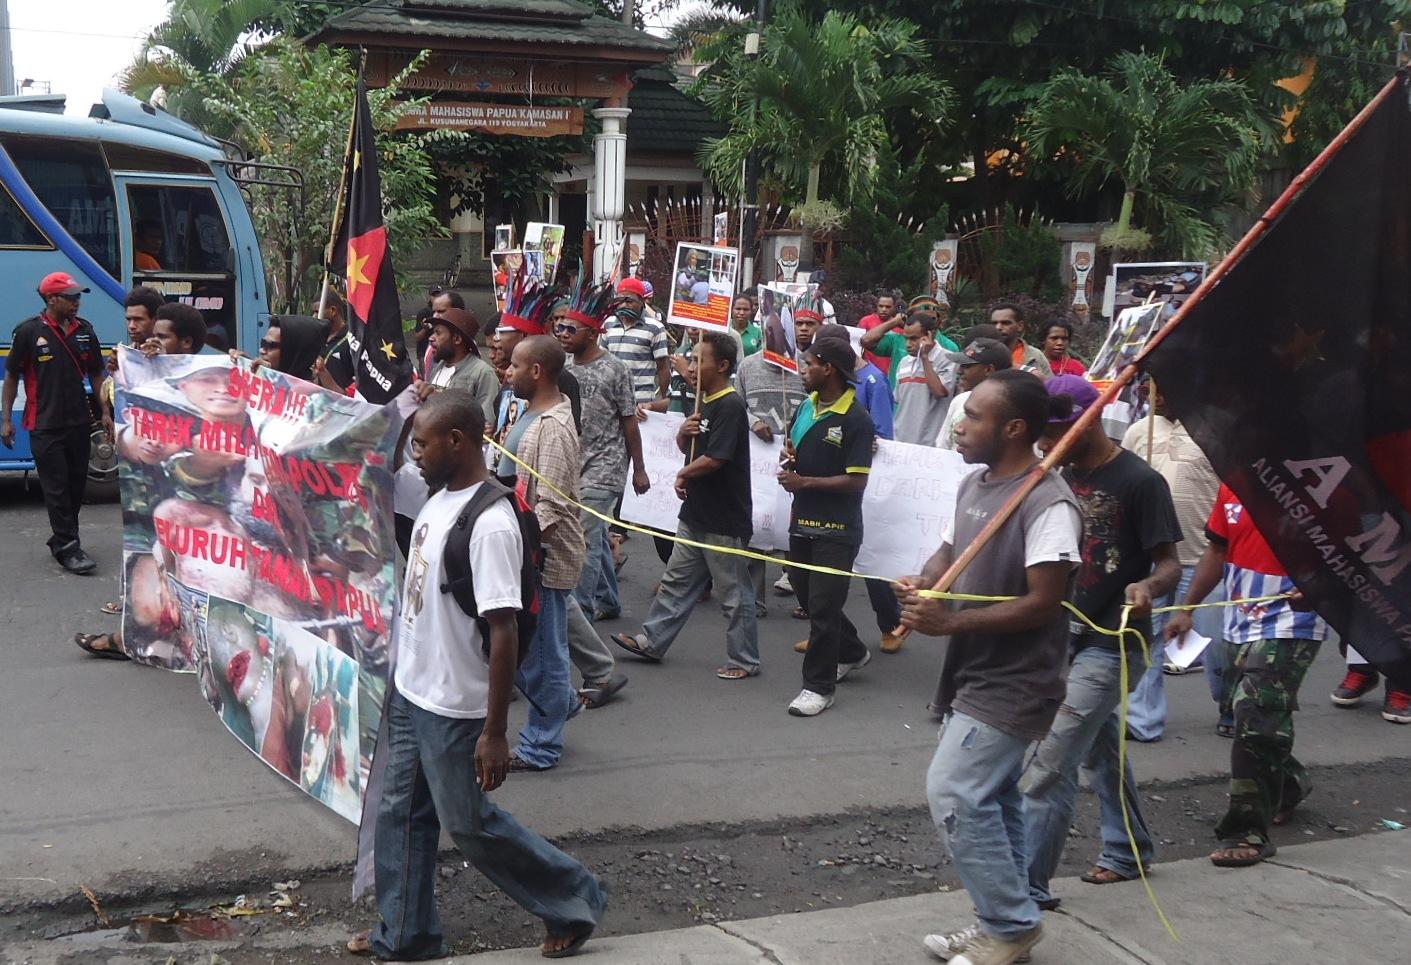 Contoh Pelanggaran Ham Di Sekolah Contoh Kasus Pelanggaran Ham Di Indonesia Siswa Master Mahasiswa Papua Terkait Kekerasan Pelanggaran Ham Di Papua Comments